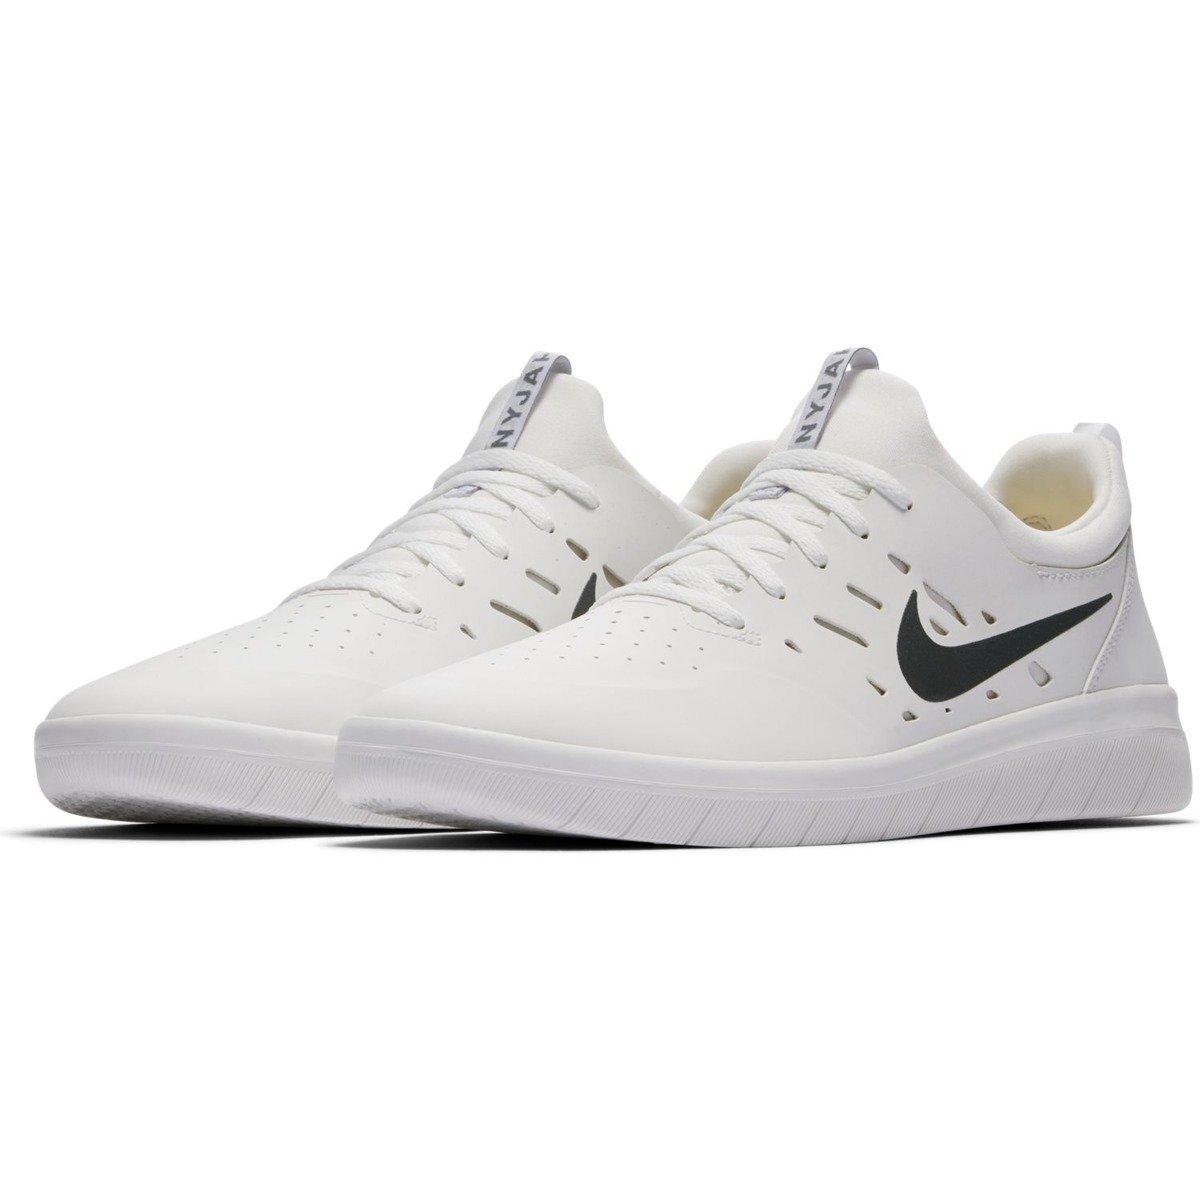 najwyższa jakość klasyczne buty super tanie buty nike sb nyjah free summit white/anthracite-lemon wash